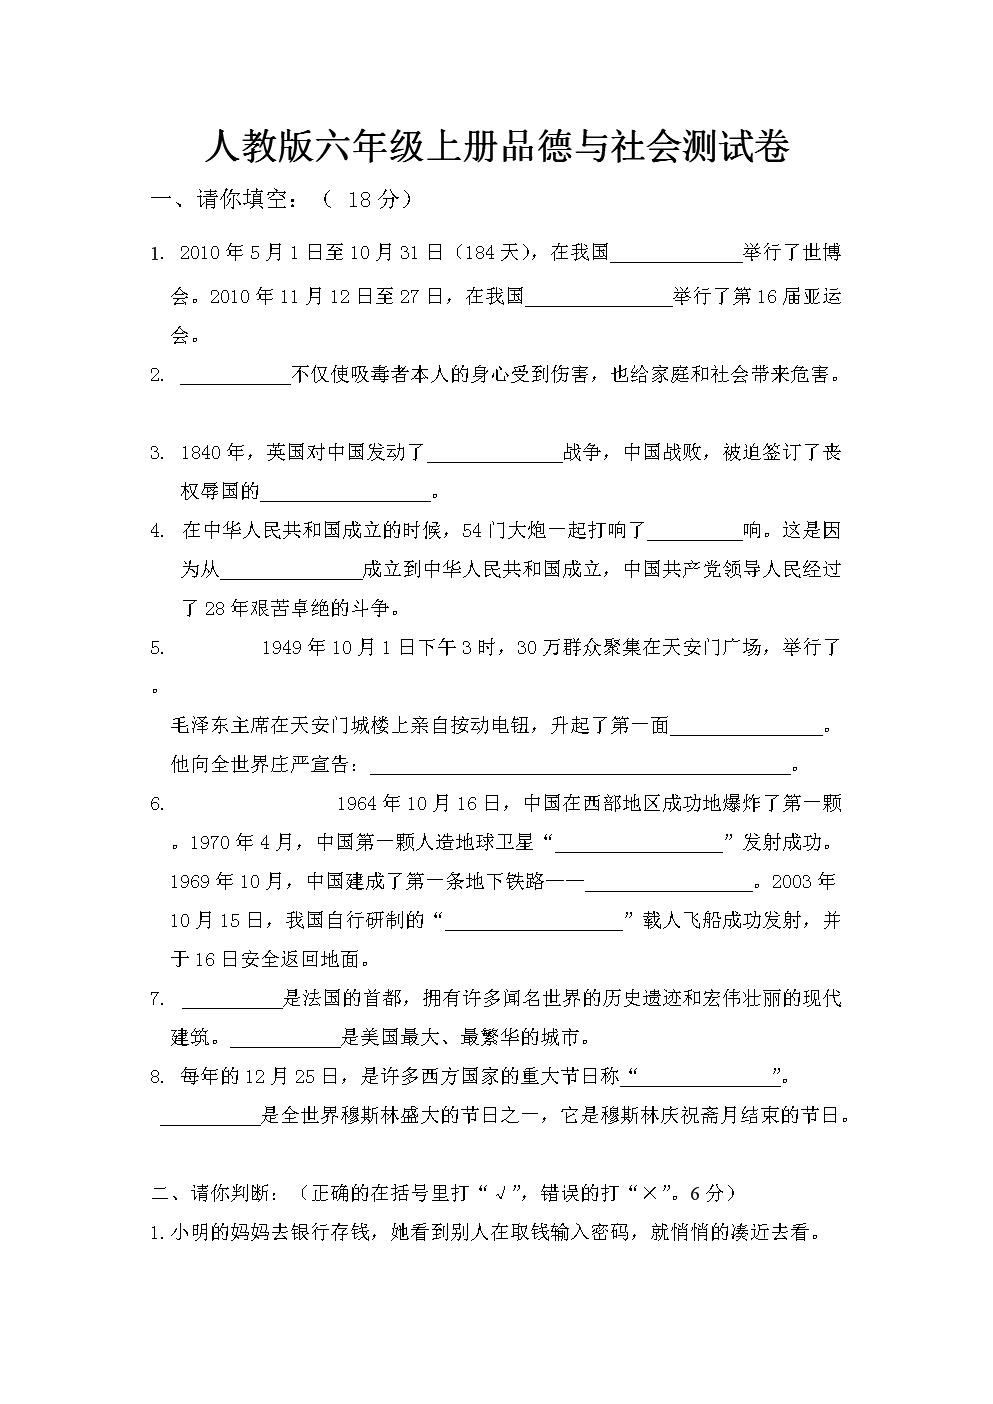 人教版六年级上册品德与社会测试卷.doc图片